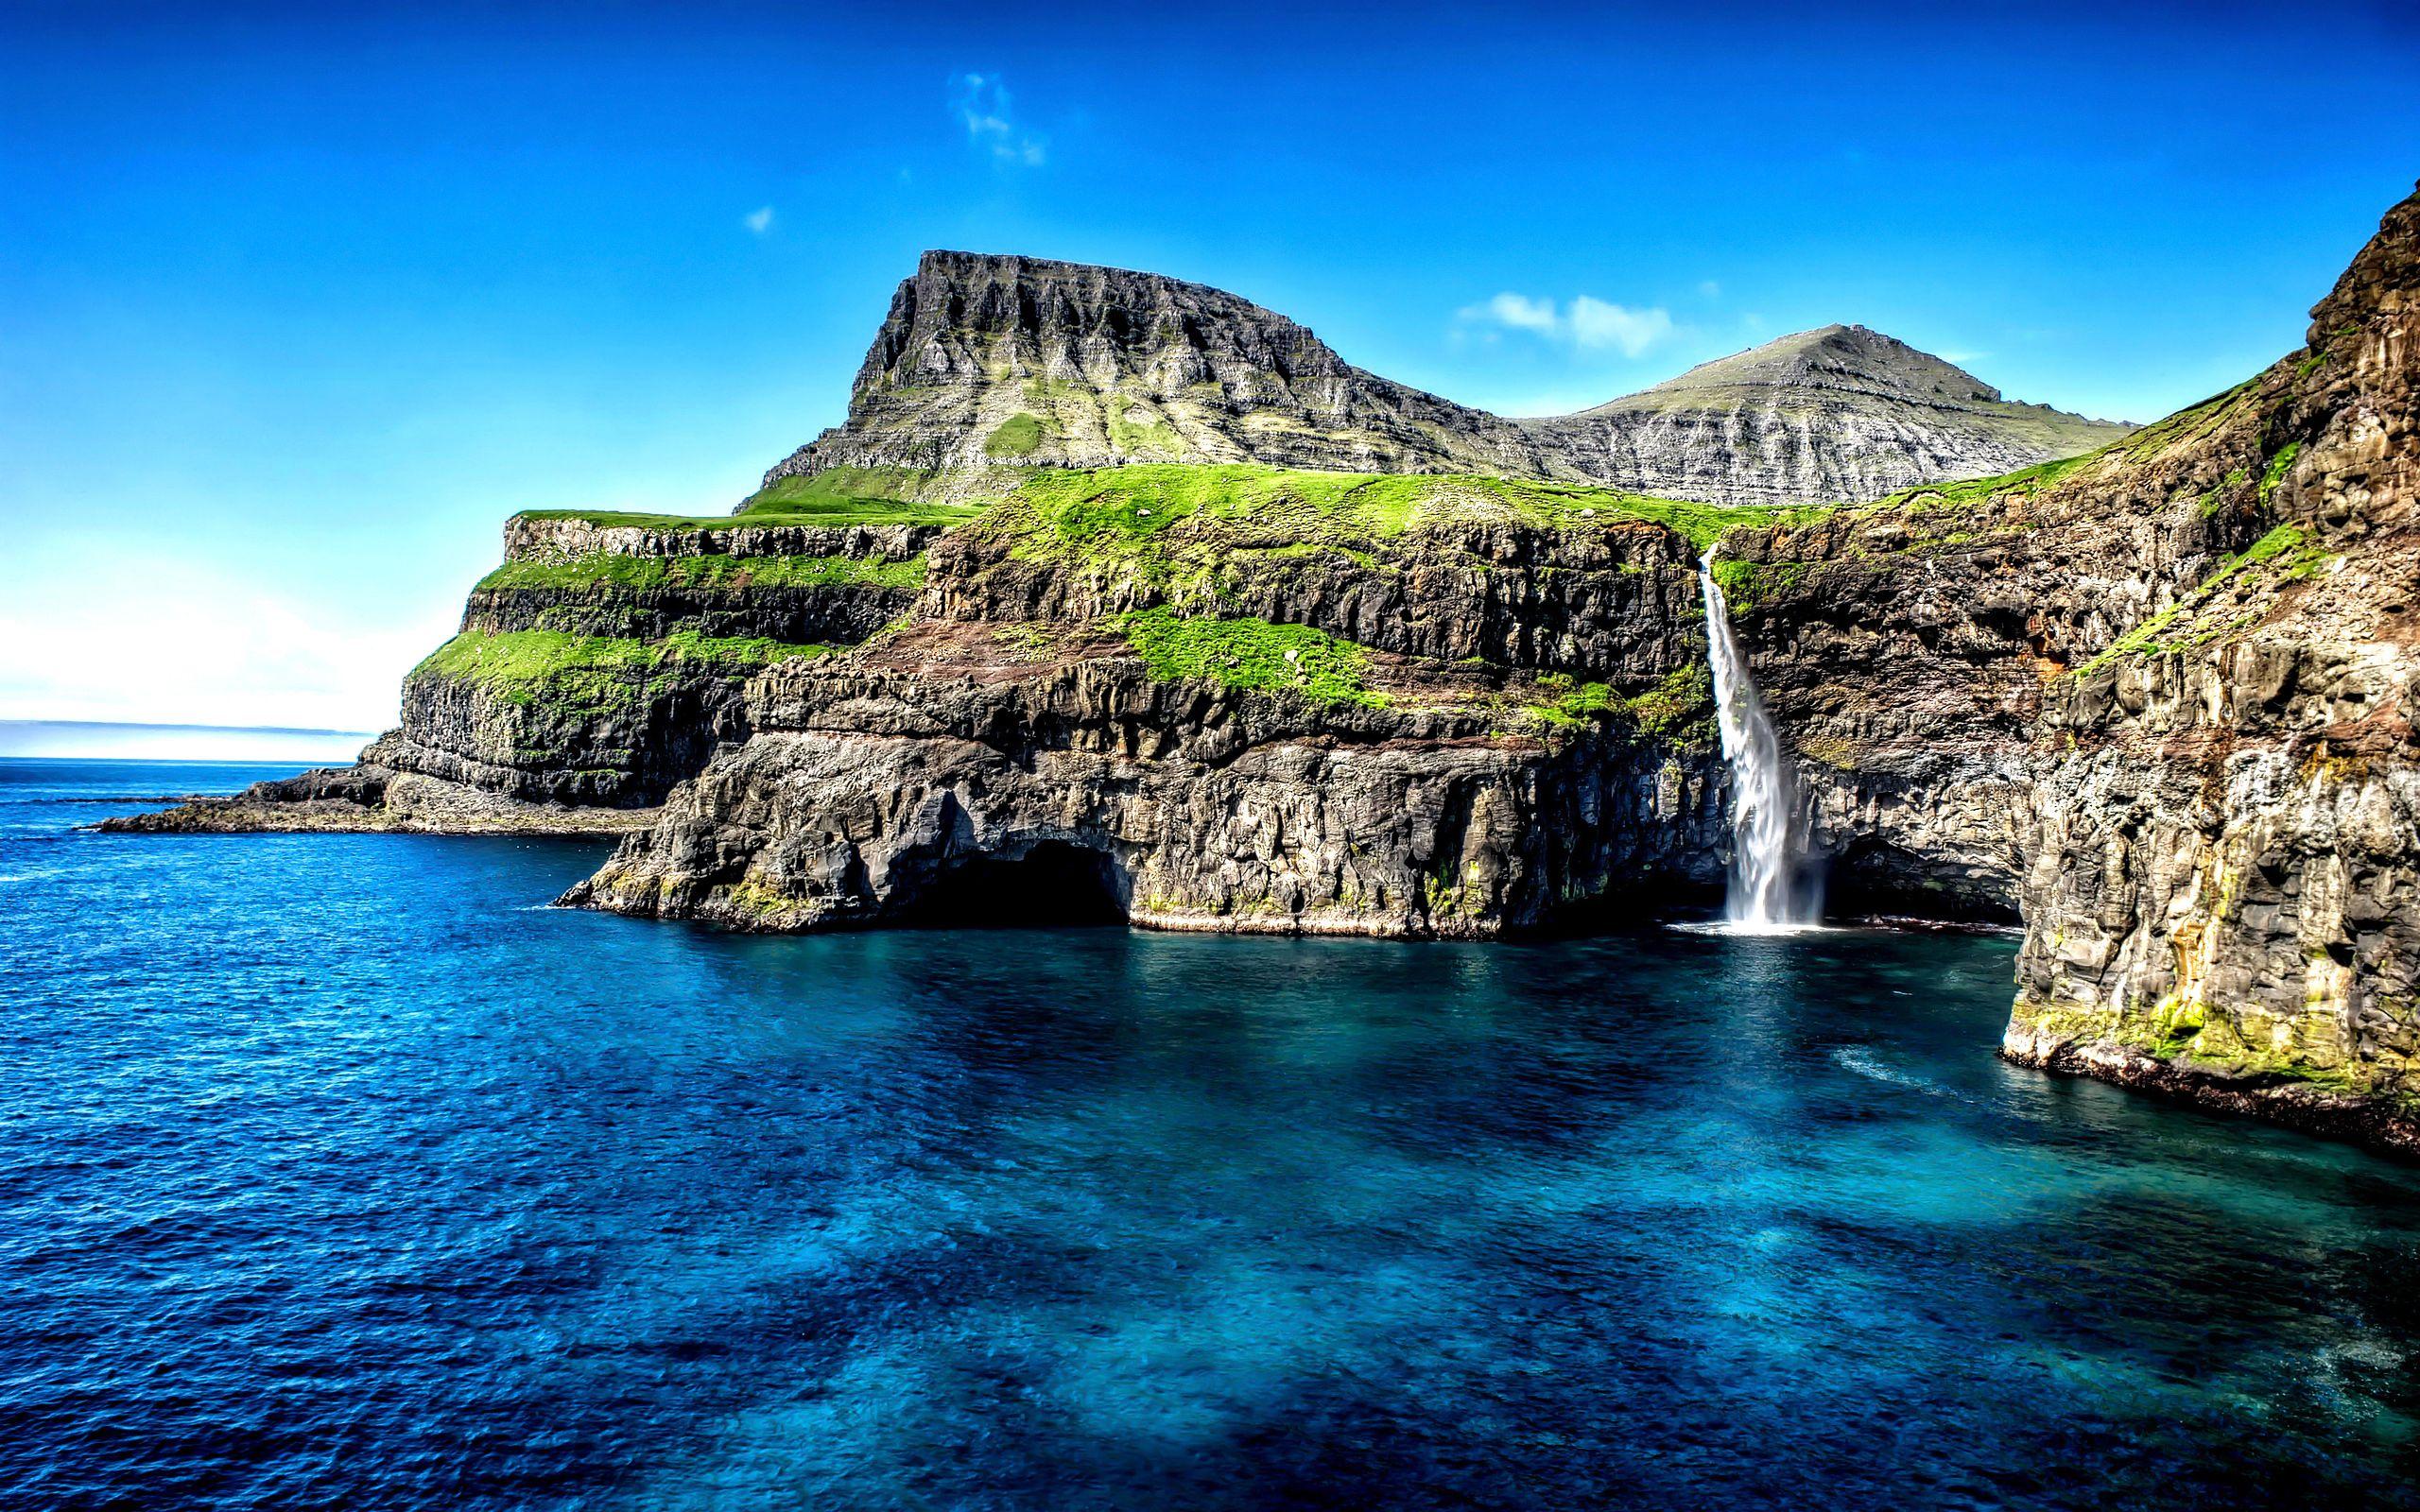 Fondos de pantalla Gásadalur, Islas Feroe